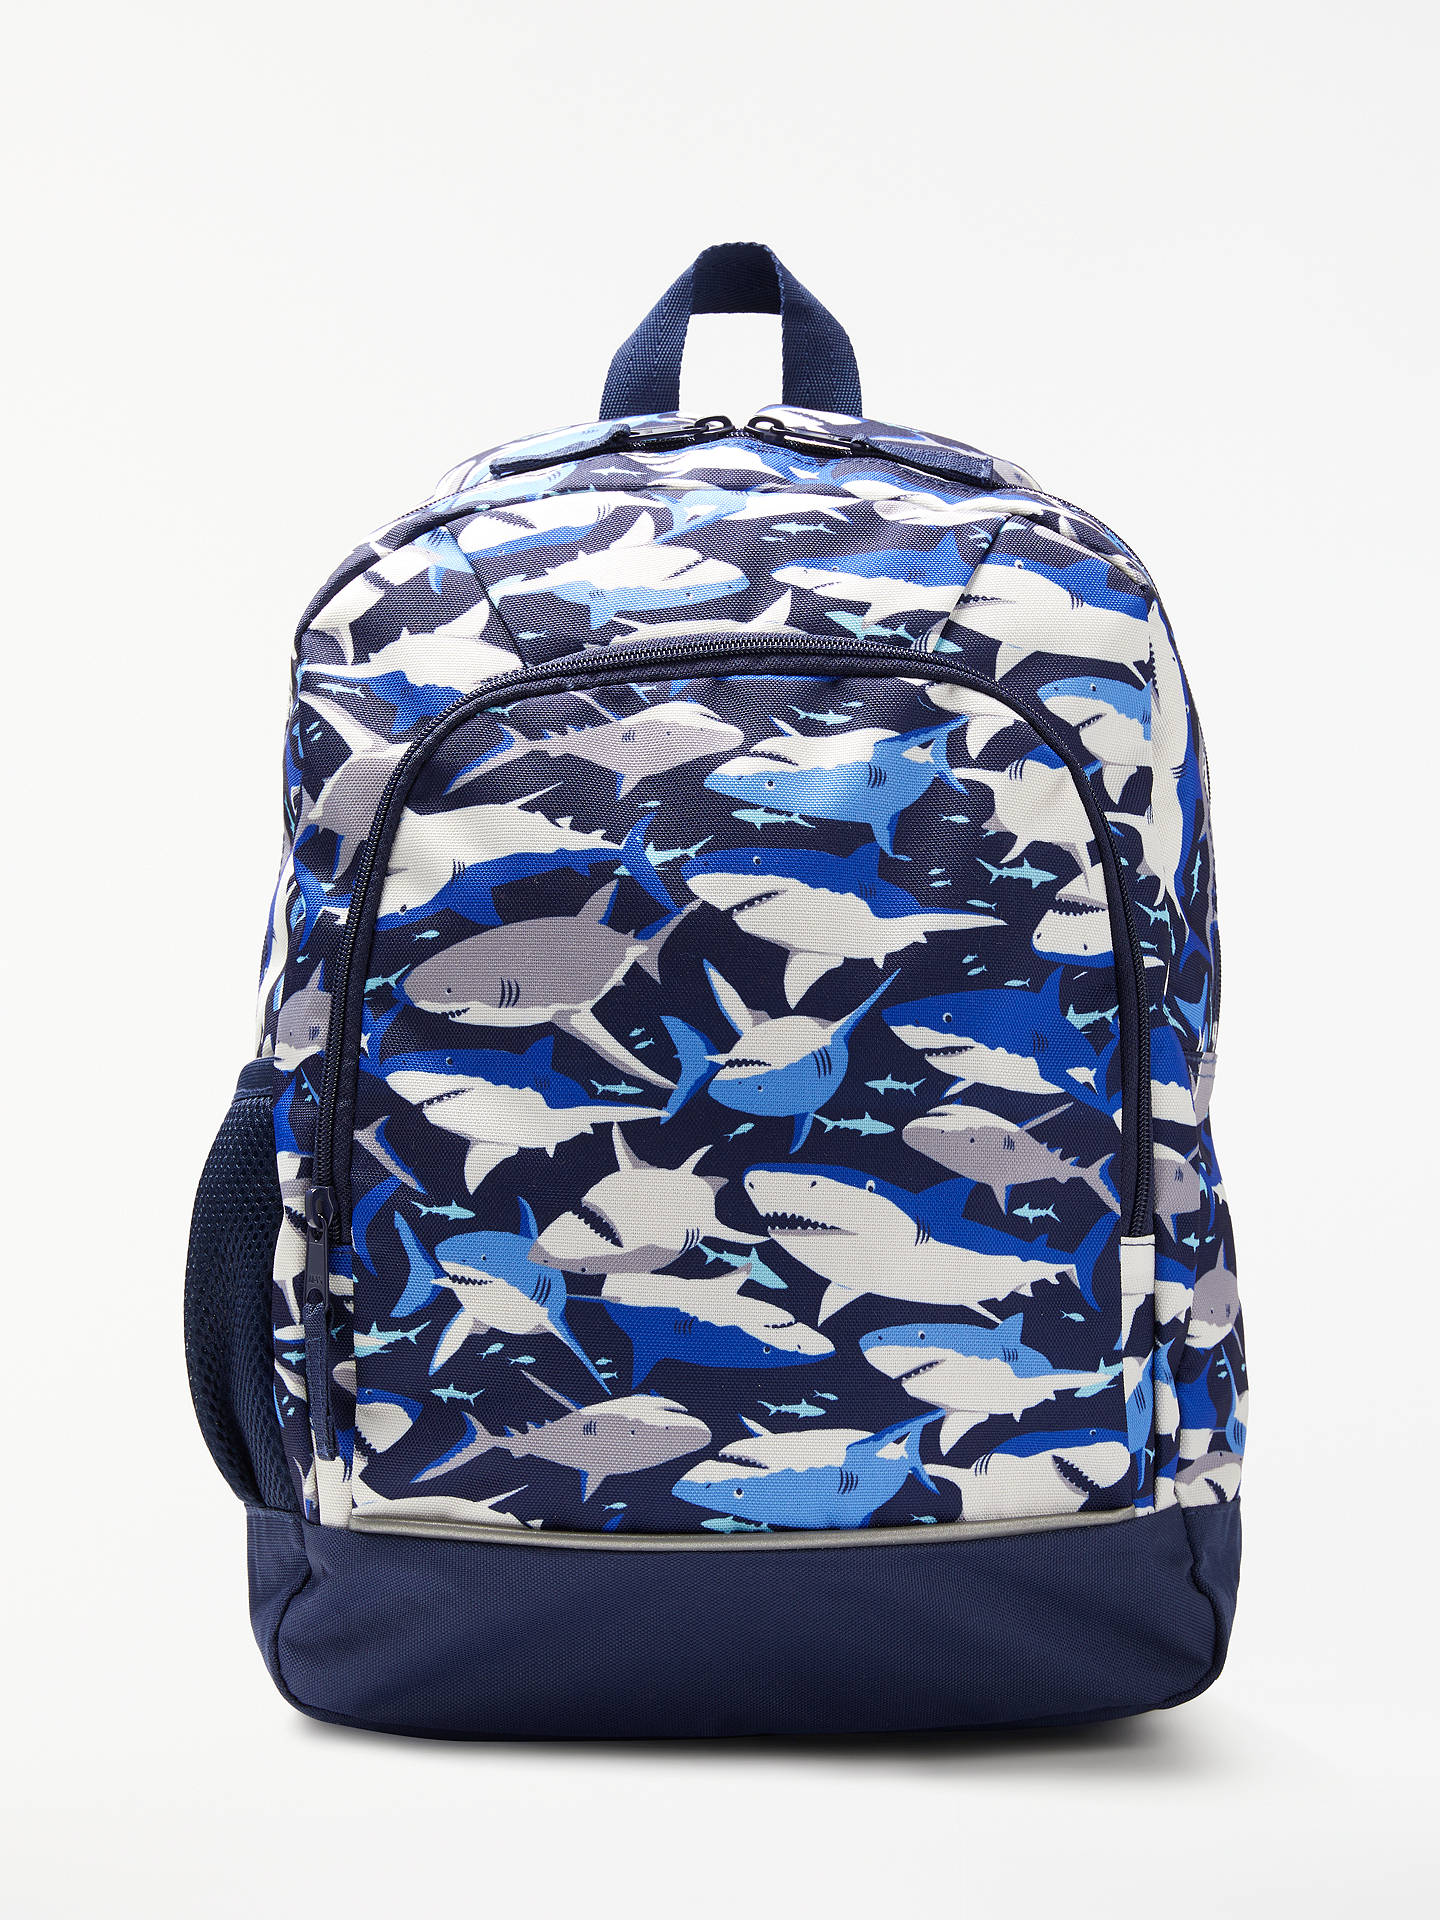 9dabd9fe55d8 John Lewis & Partners Children's Shark Print Backpack, Navy/Multi